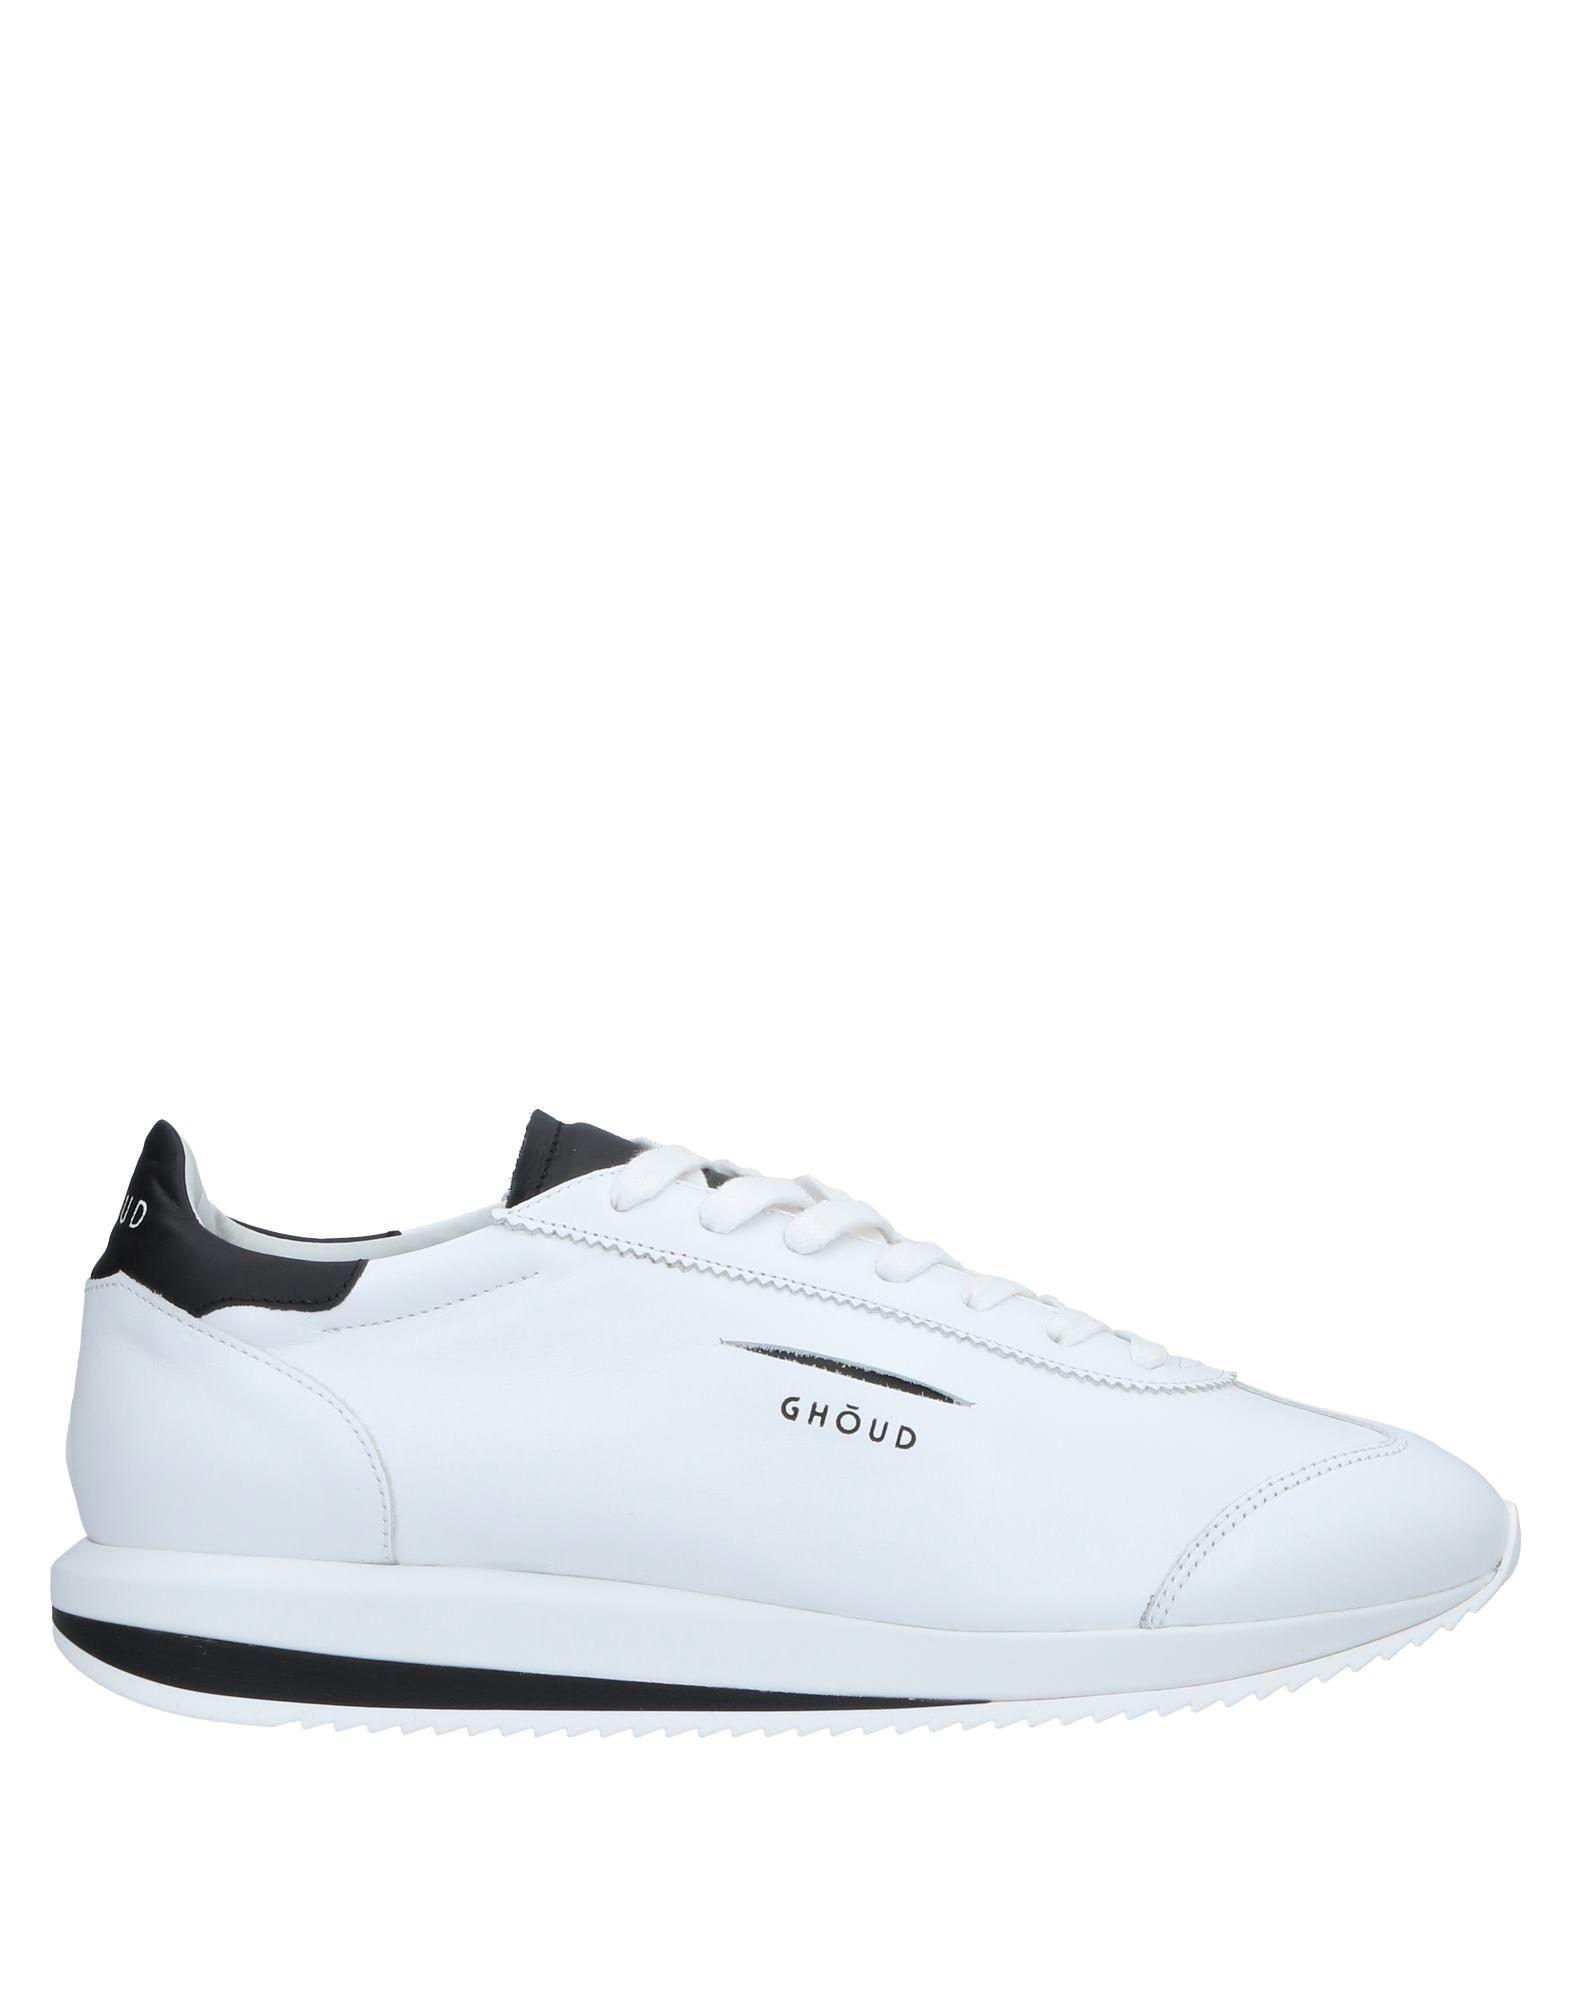 Sneakers Ghōud Venice Homme - Sneakers Ghōud Venice  Blanc Les chaussures les plus populaires pour les hommes et les femmes